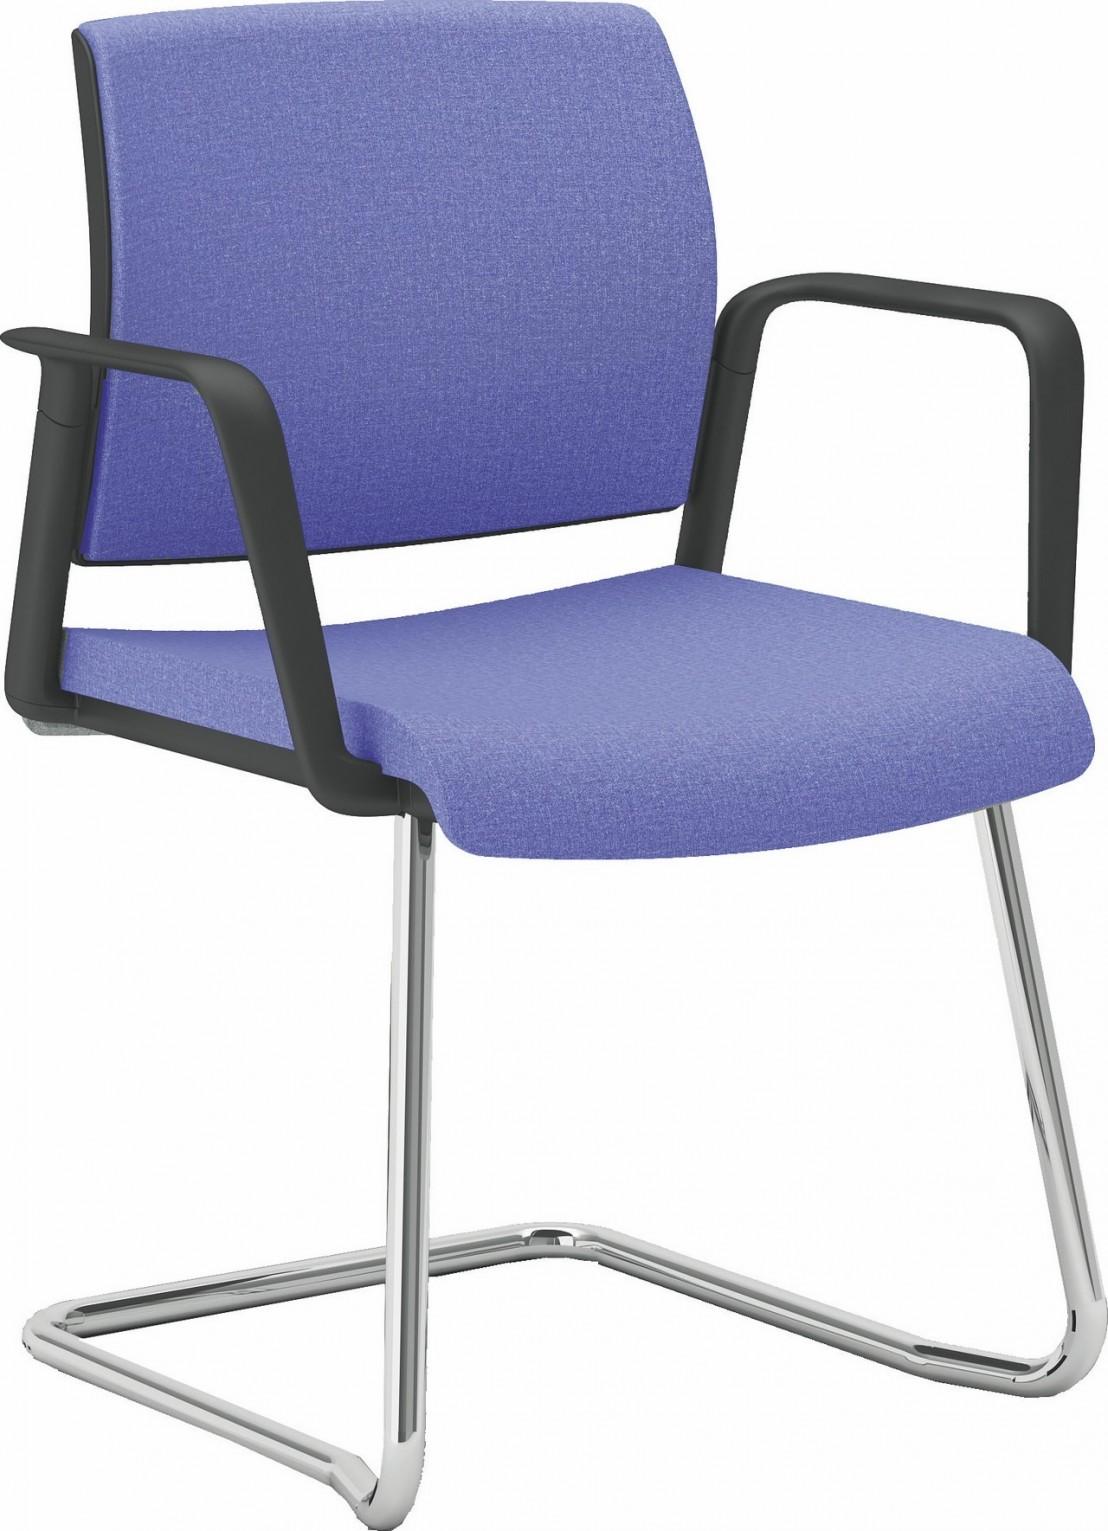 Chaise bureau pied u accoudoirs r union ou visiteur office 605 - Pied fauteuil de bureau ...